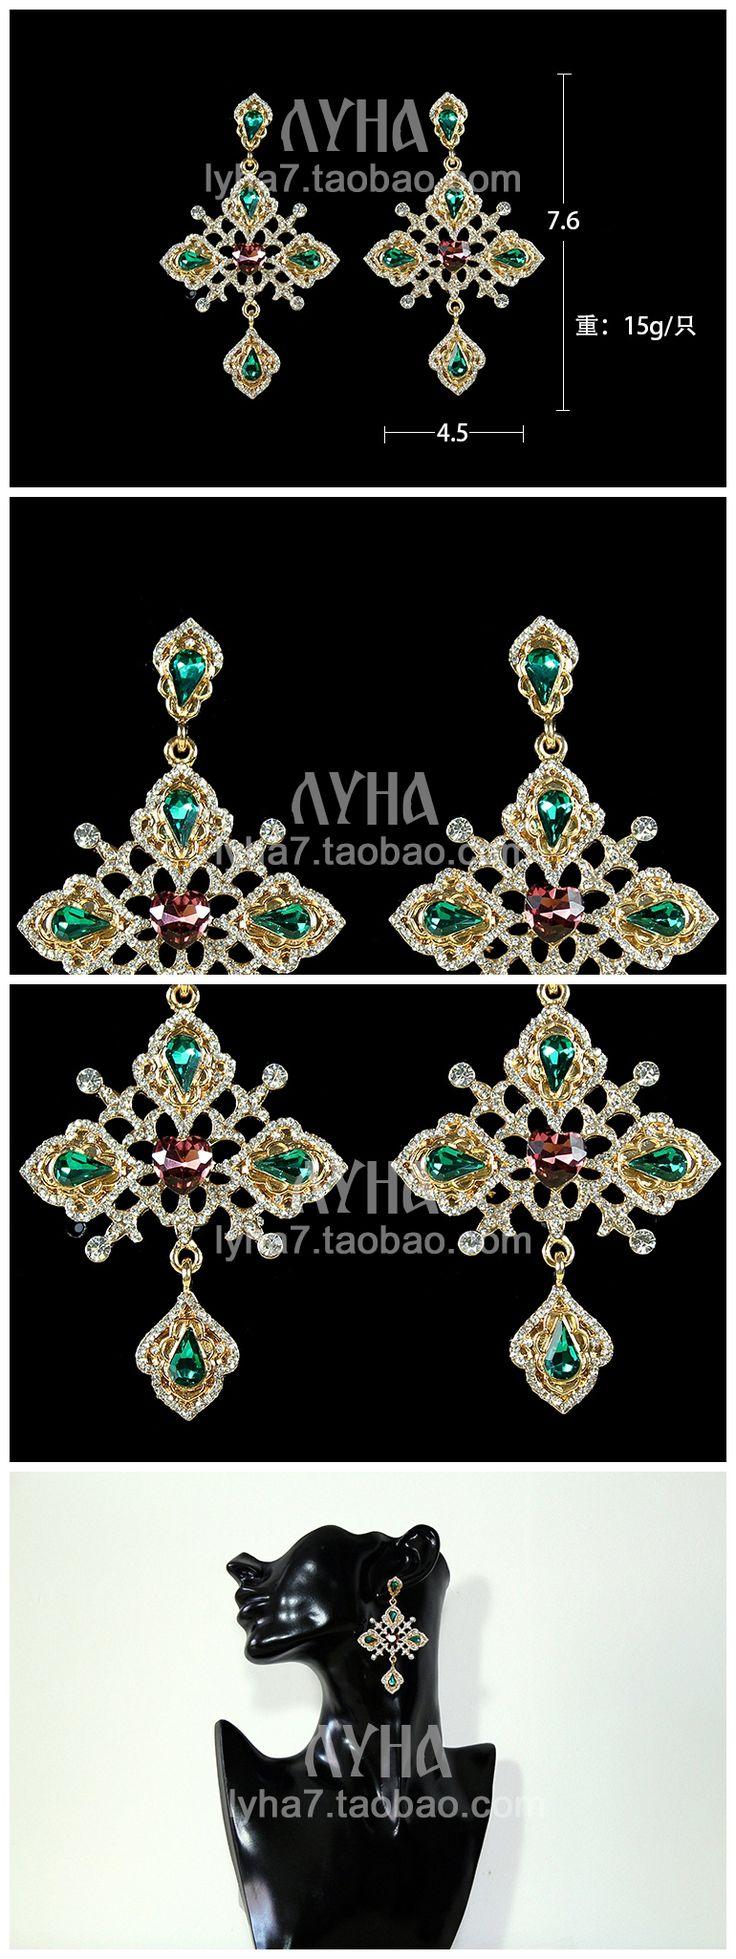 Известные торговые марки позолоченные ретро DG женщин ювелирные изделия зеленый хрустальный дворец в стиле барокко сицилии византийский крест бирюзовый серьги для девочек купить на AliExpress